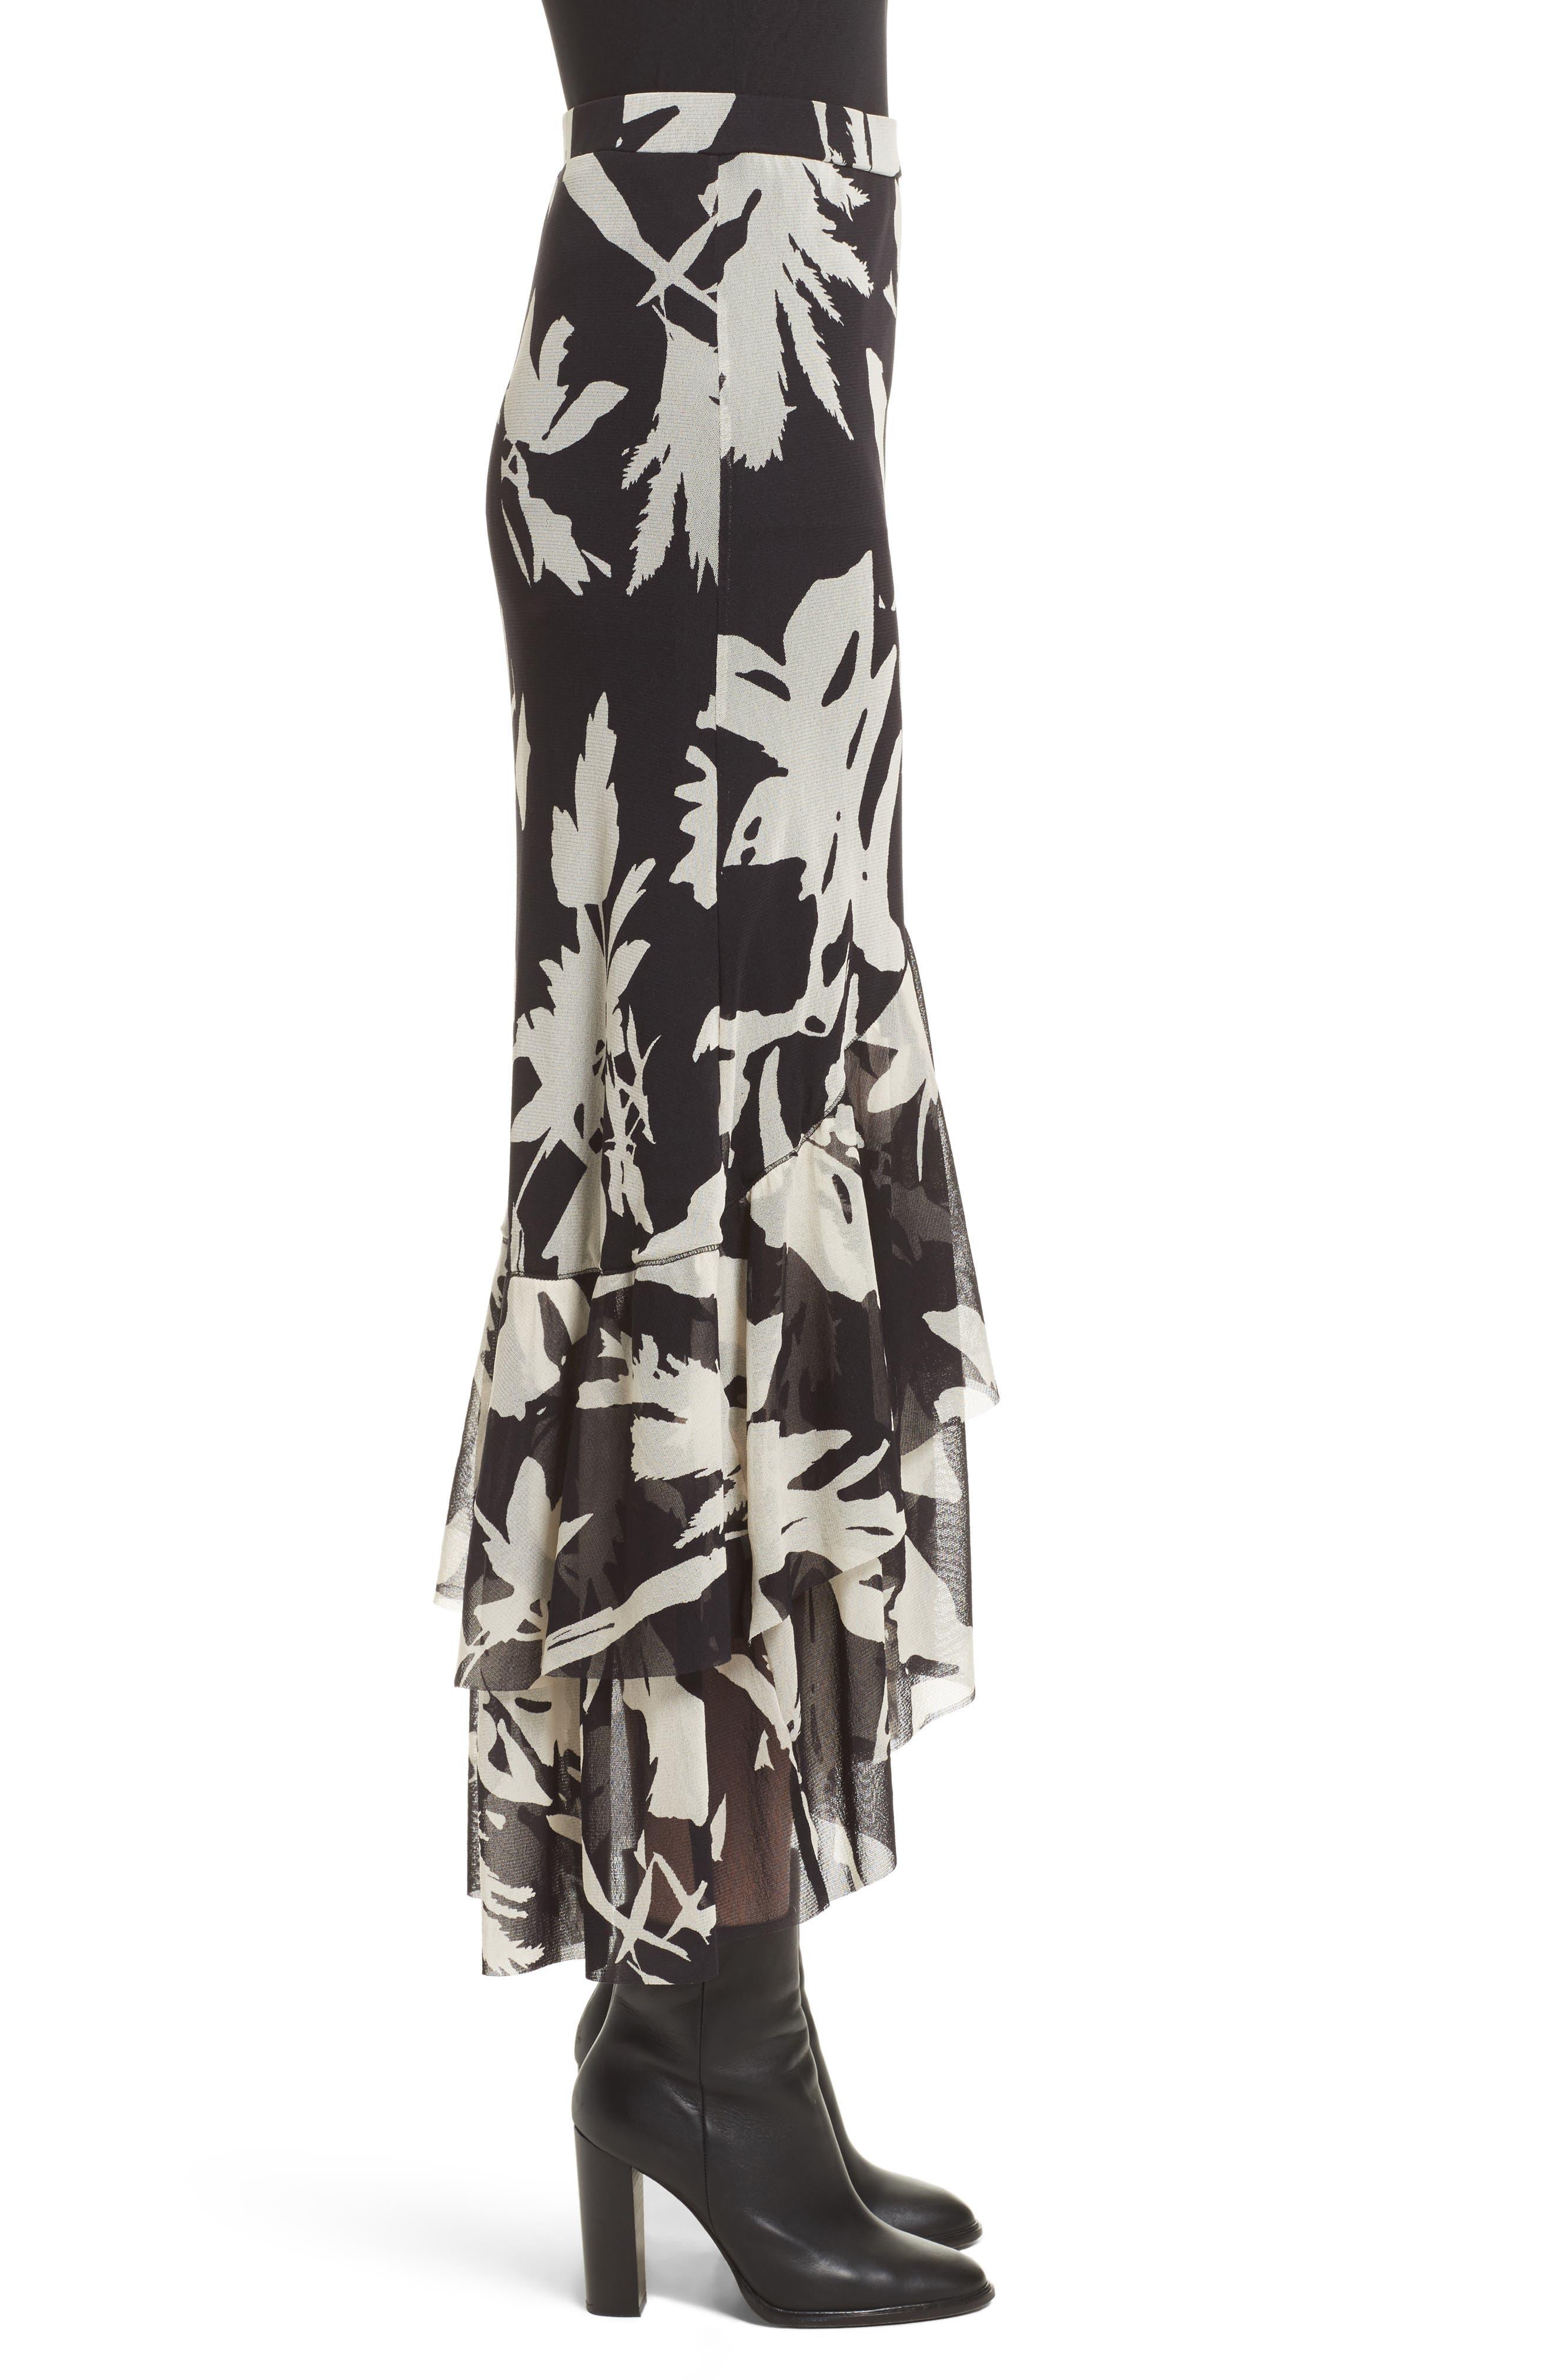 Floral Print Tulle Ruffle Skirt,                             Alternate thumbnail 5, color,                             Black/ White